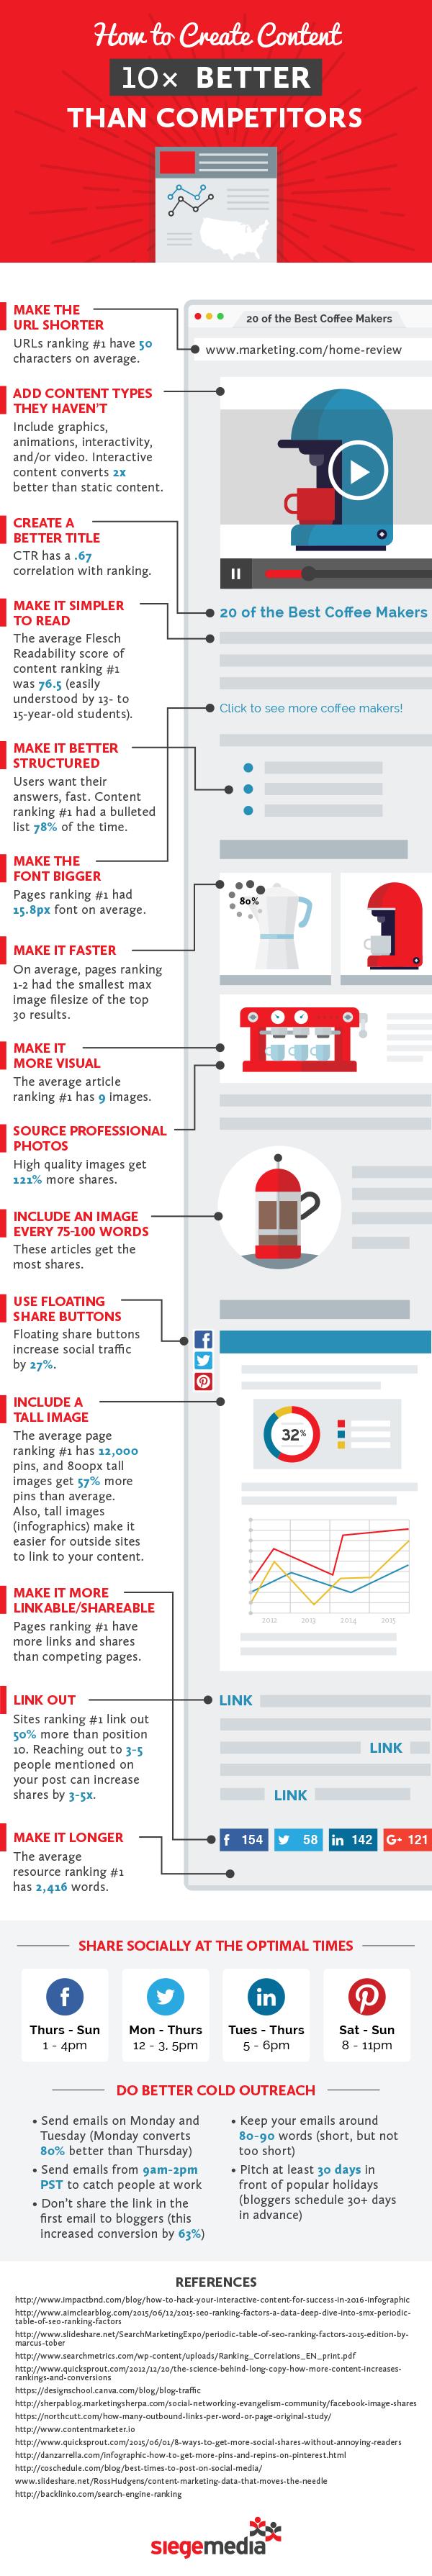 infografia-siege-media-crear-contenido-10-veces-mejor-competencia-blog-hostalia-hosting